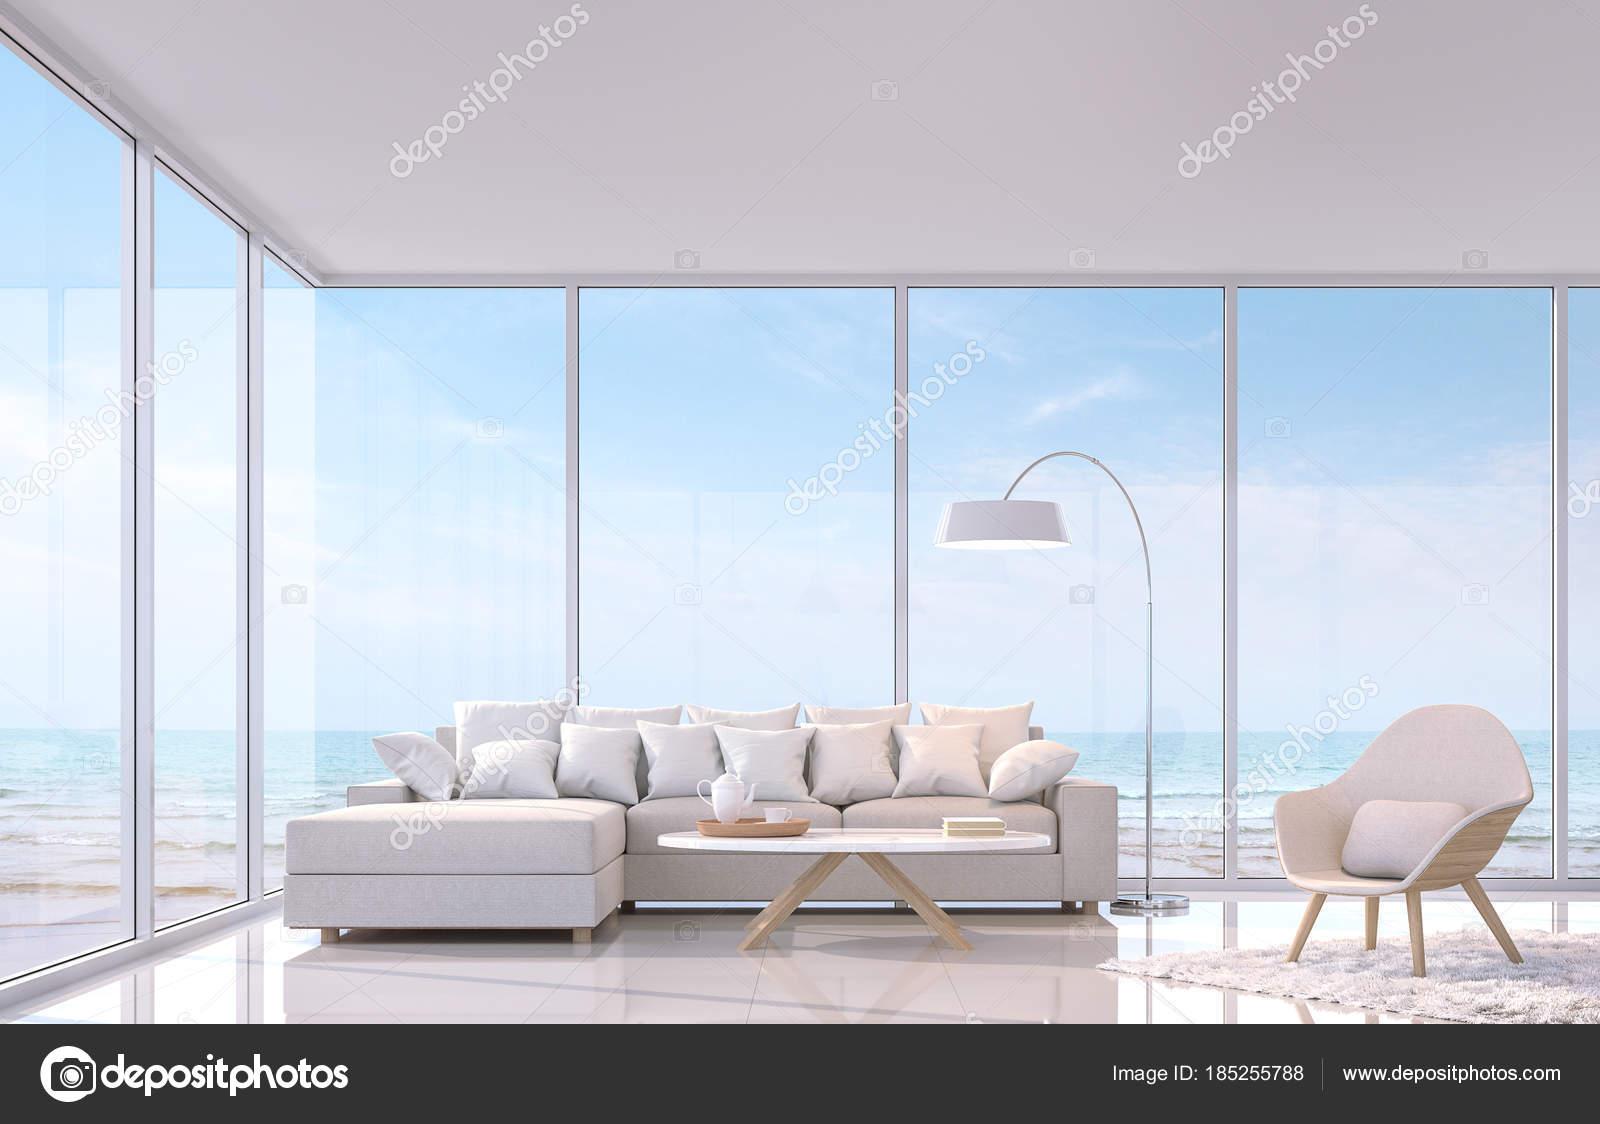 Moderne Weiße Wohnzimmer Mit Sea View Rendering Bild Gibt Weißen ...